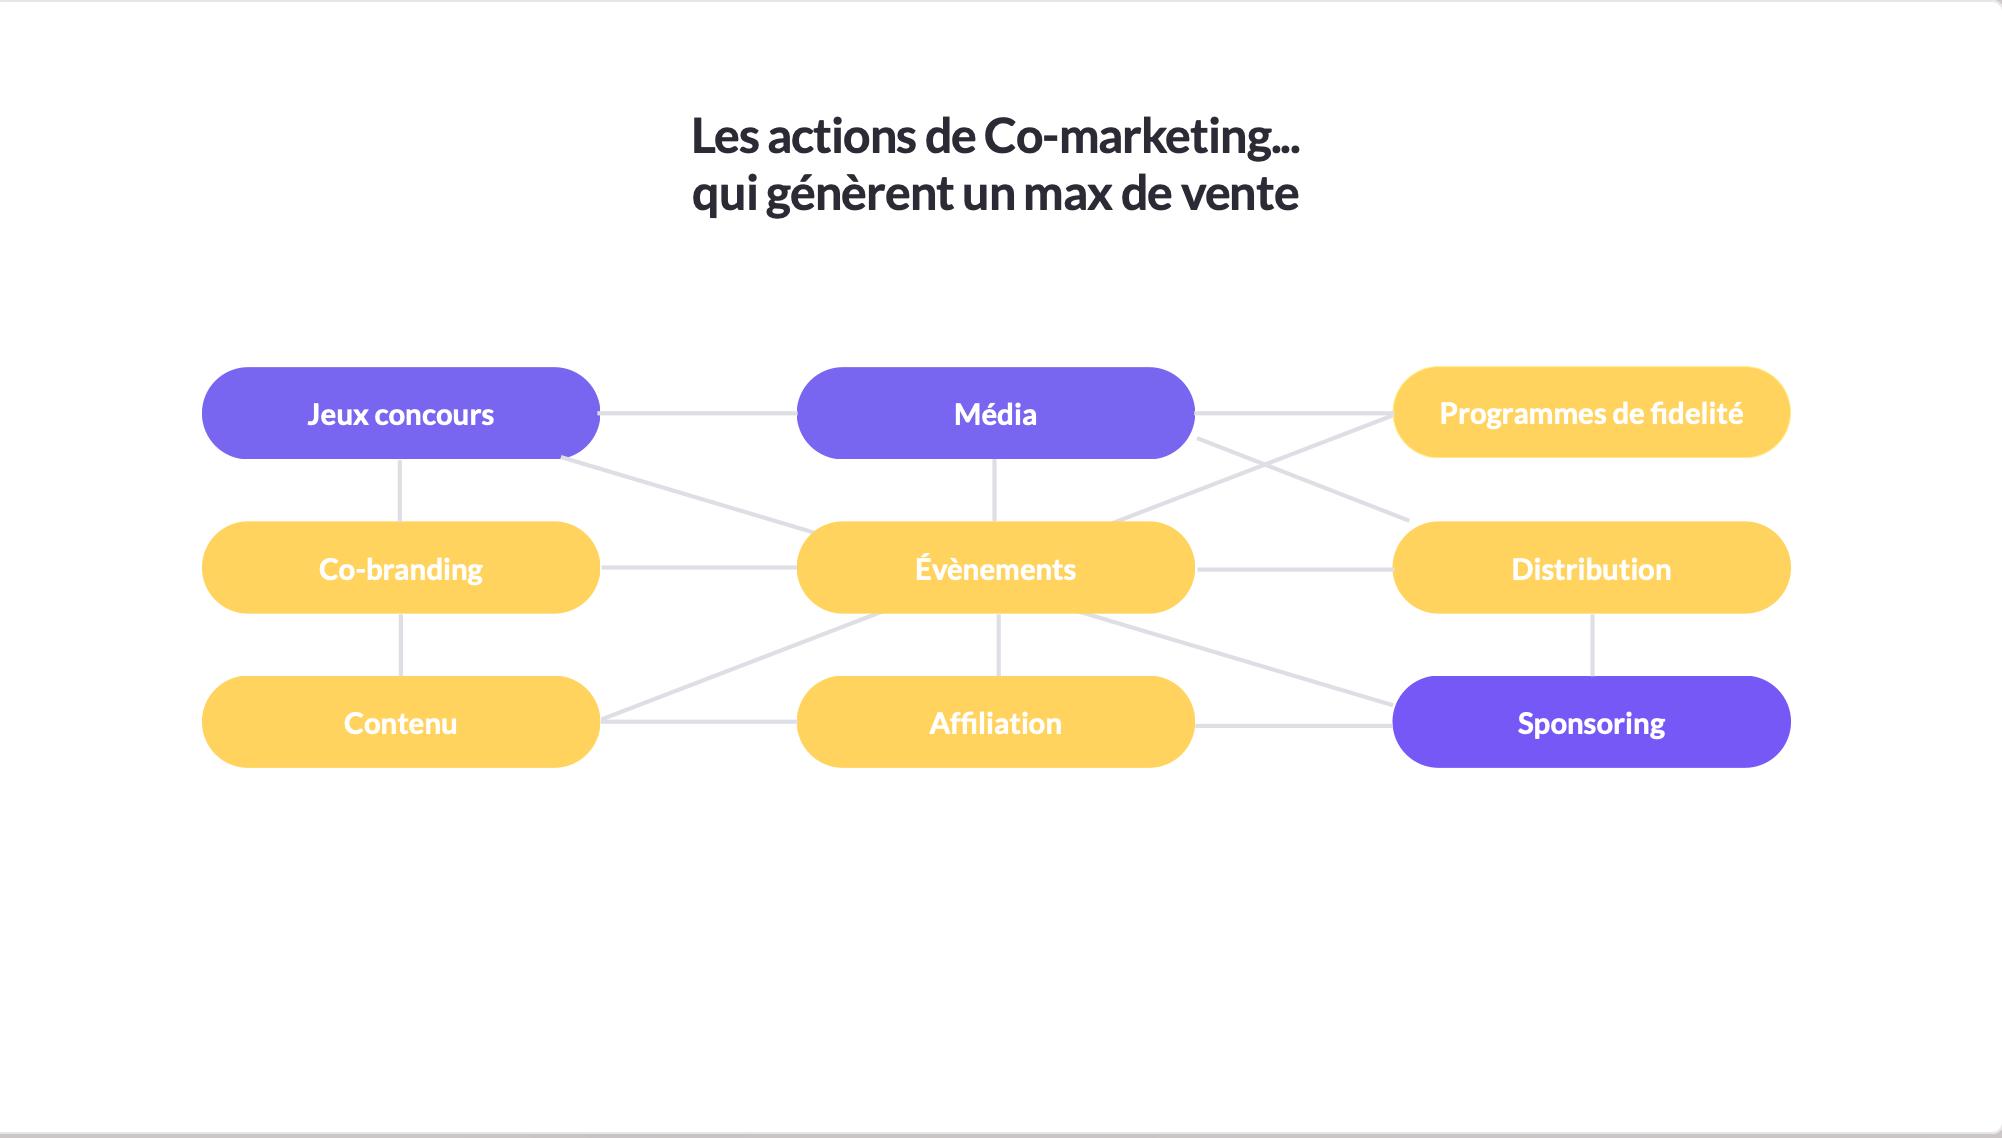 Les actions de Co-marketing qui génèrent le plus de ventes